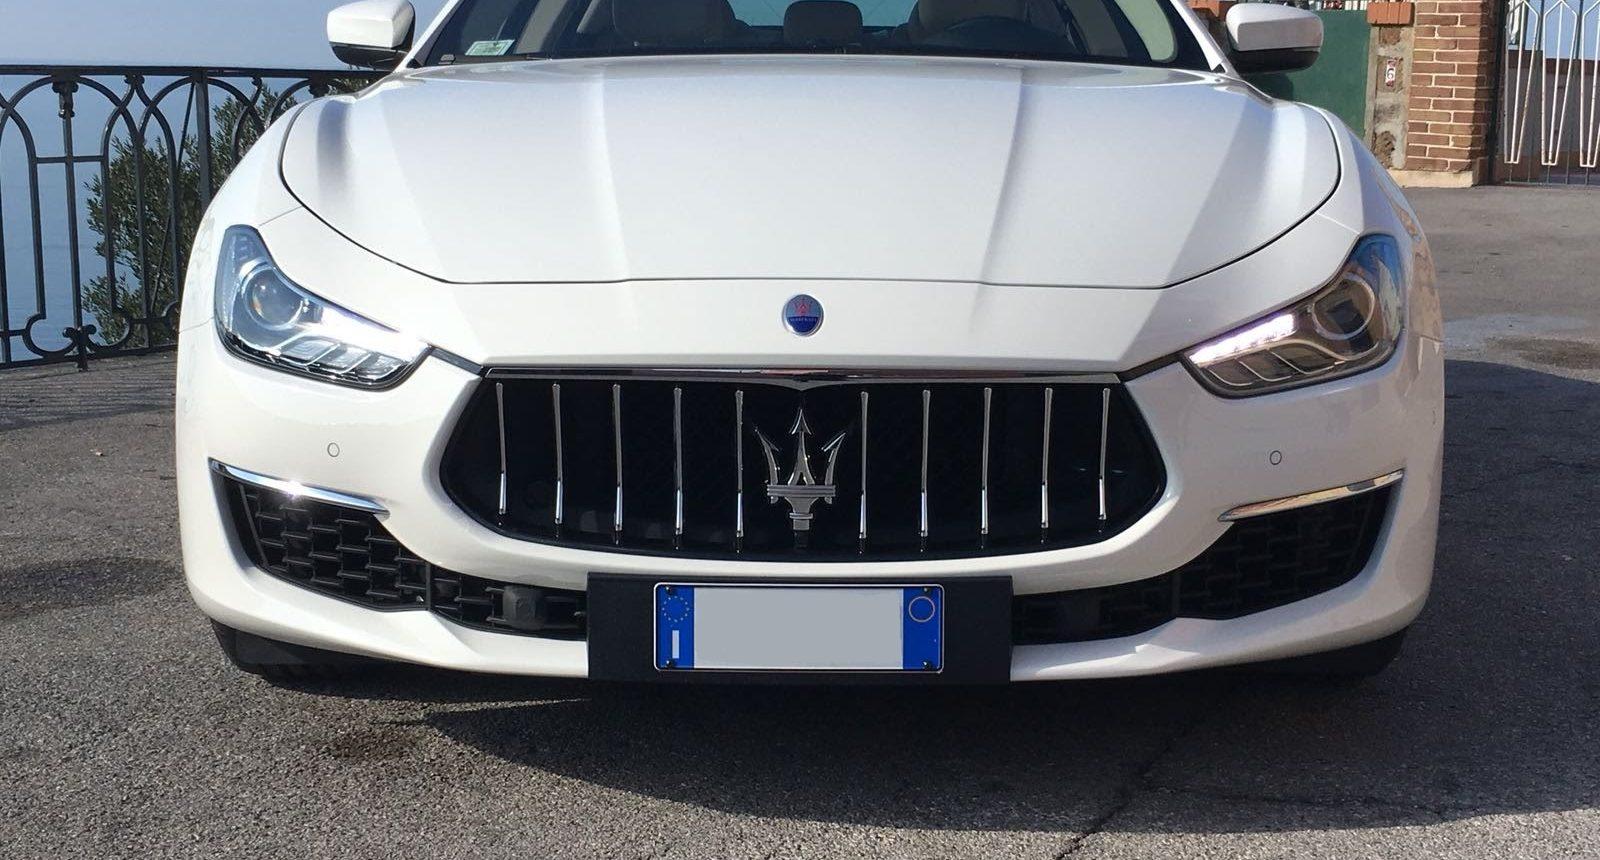 Frontale della nuova Maserati Ghibli Gran Lusso di colore Bianca con interni chiari. Auto molto comoda, fascino dell'eleganza con il tocco sportivo che regala il bellissimo marchio Maserati